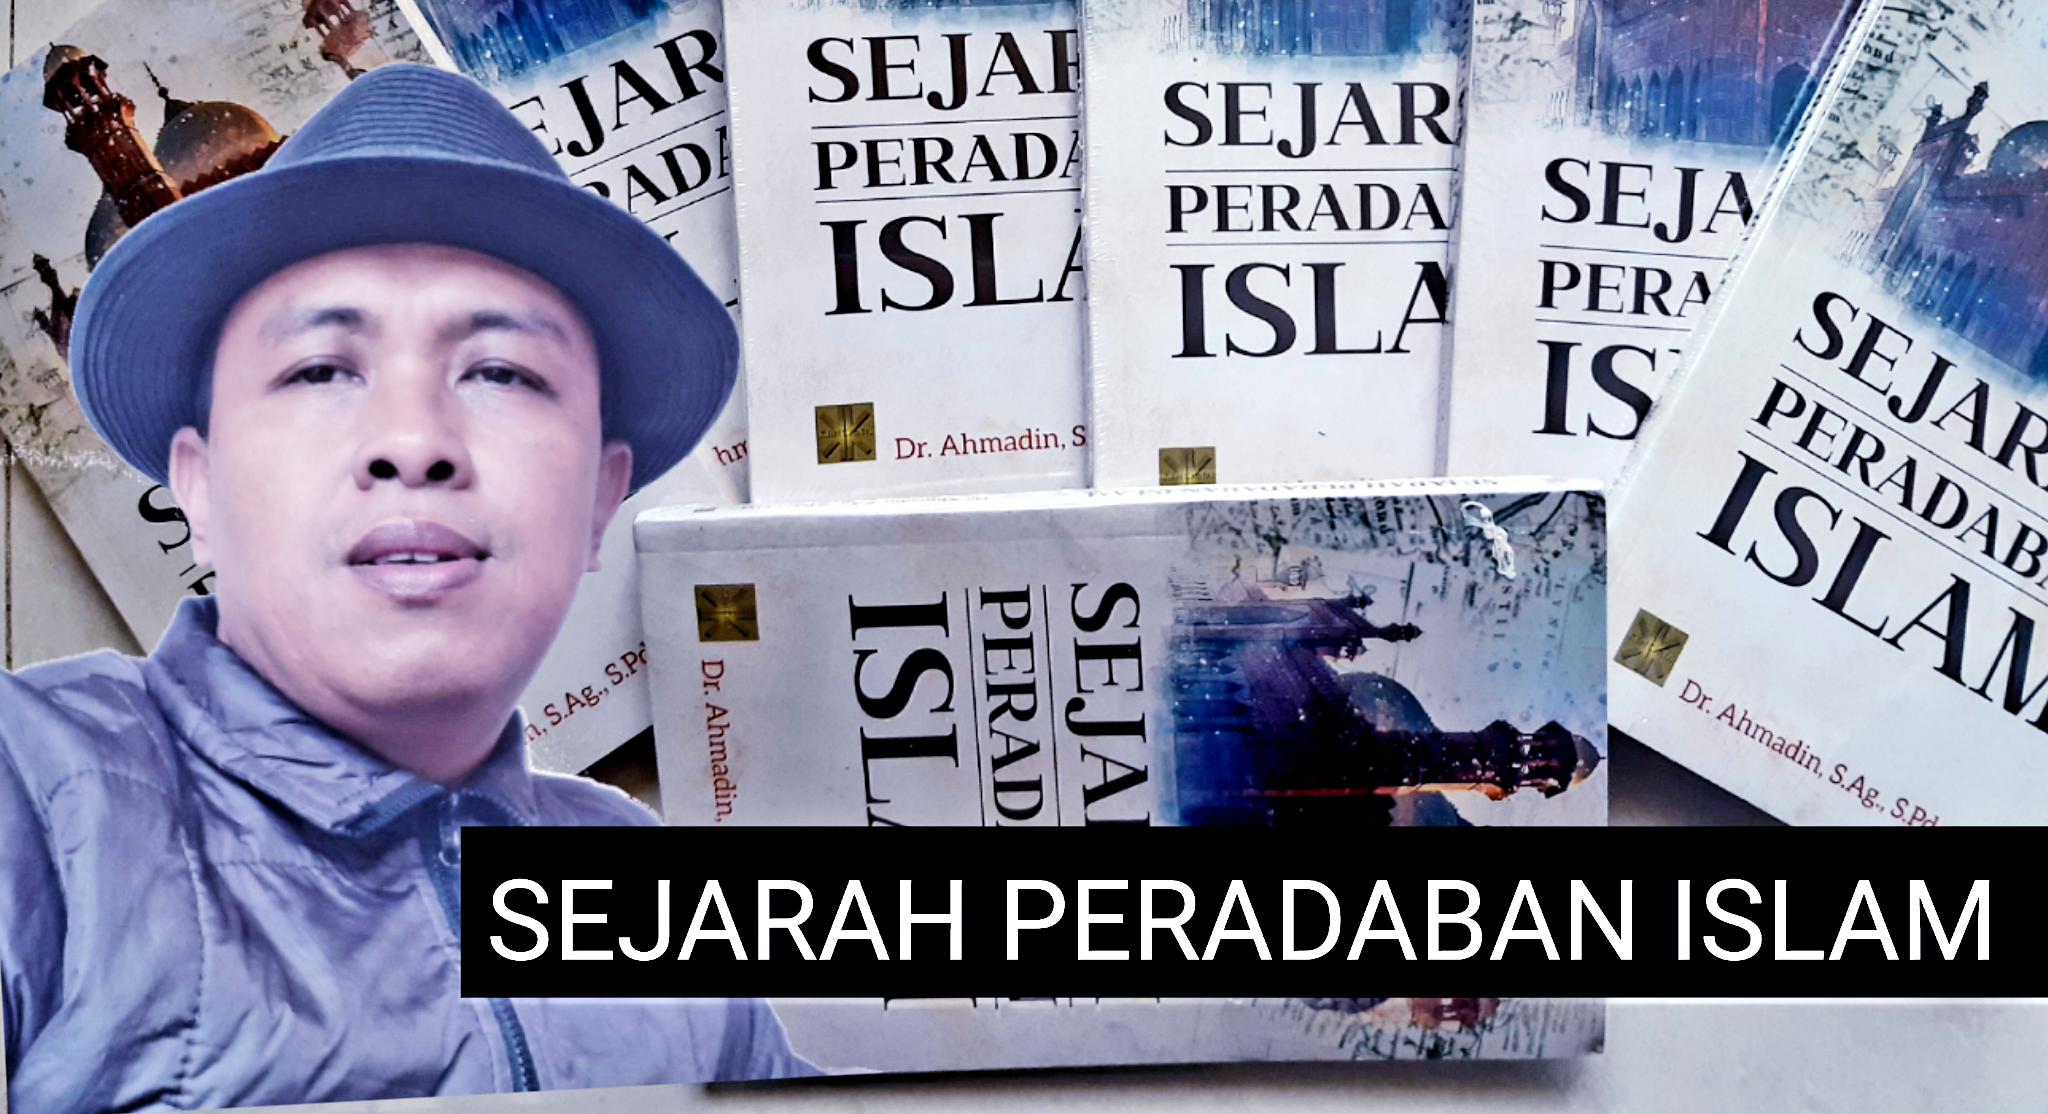 Terlindungi: Sejarah Peradaban Islam: Evaluasi Materi Perkuliahan (Ujian Tengah Semester)